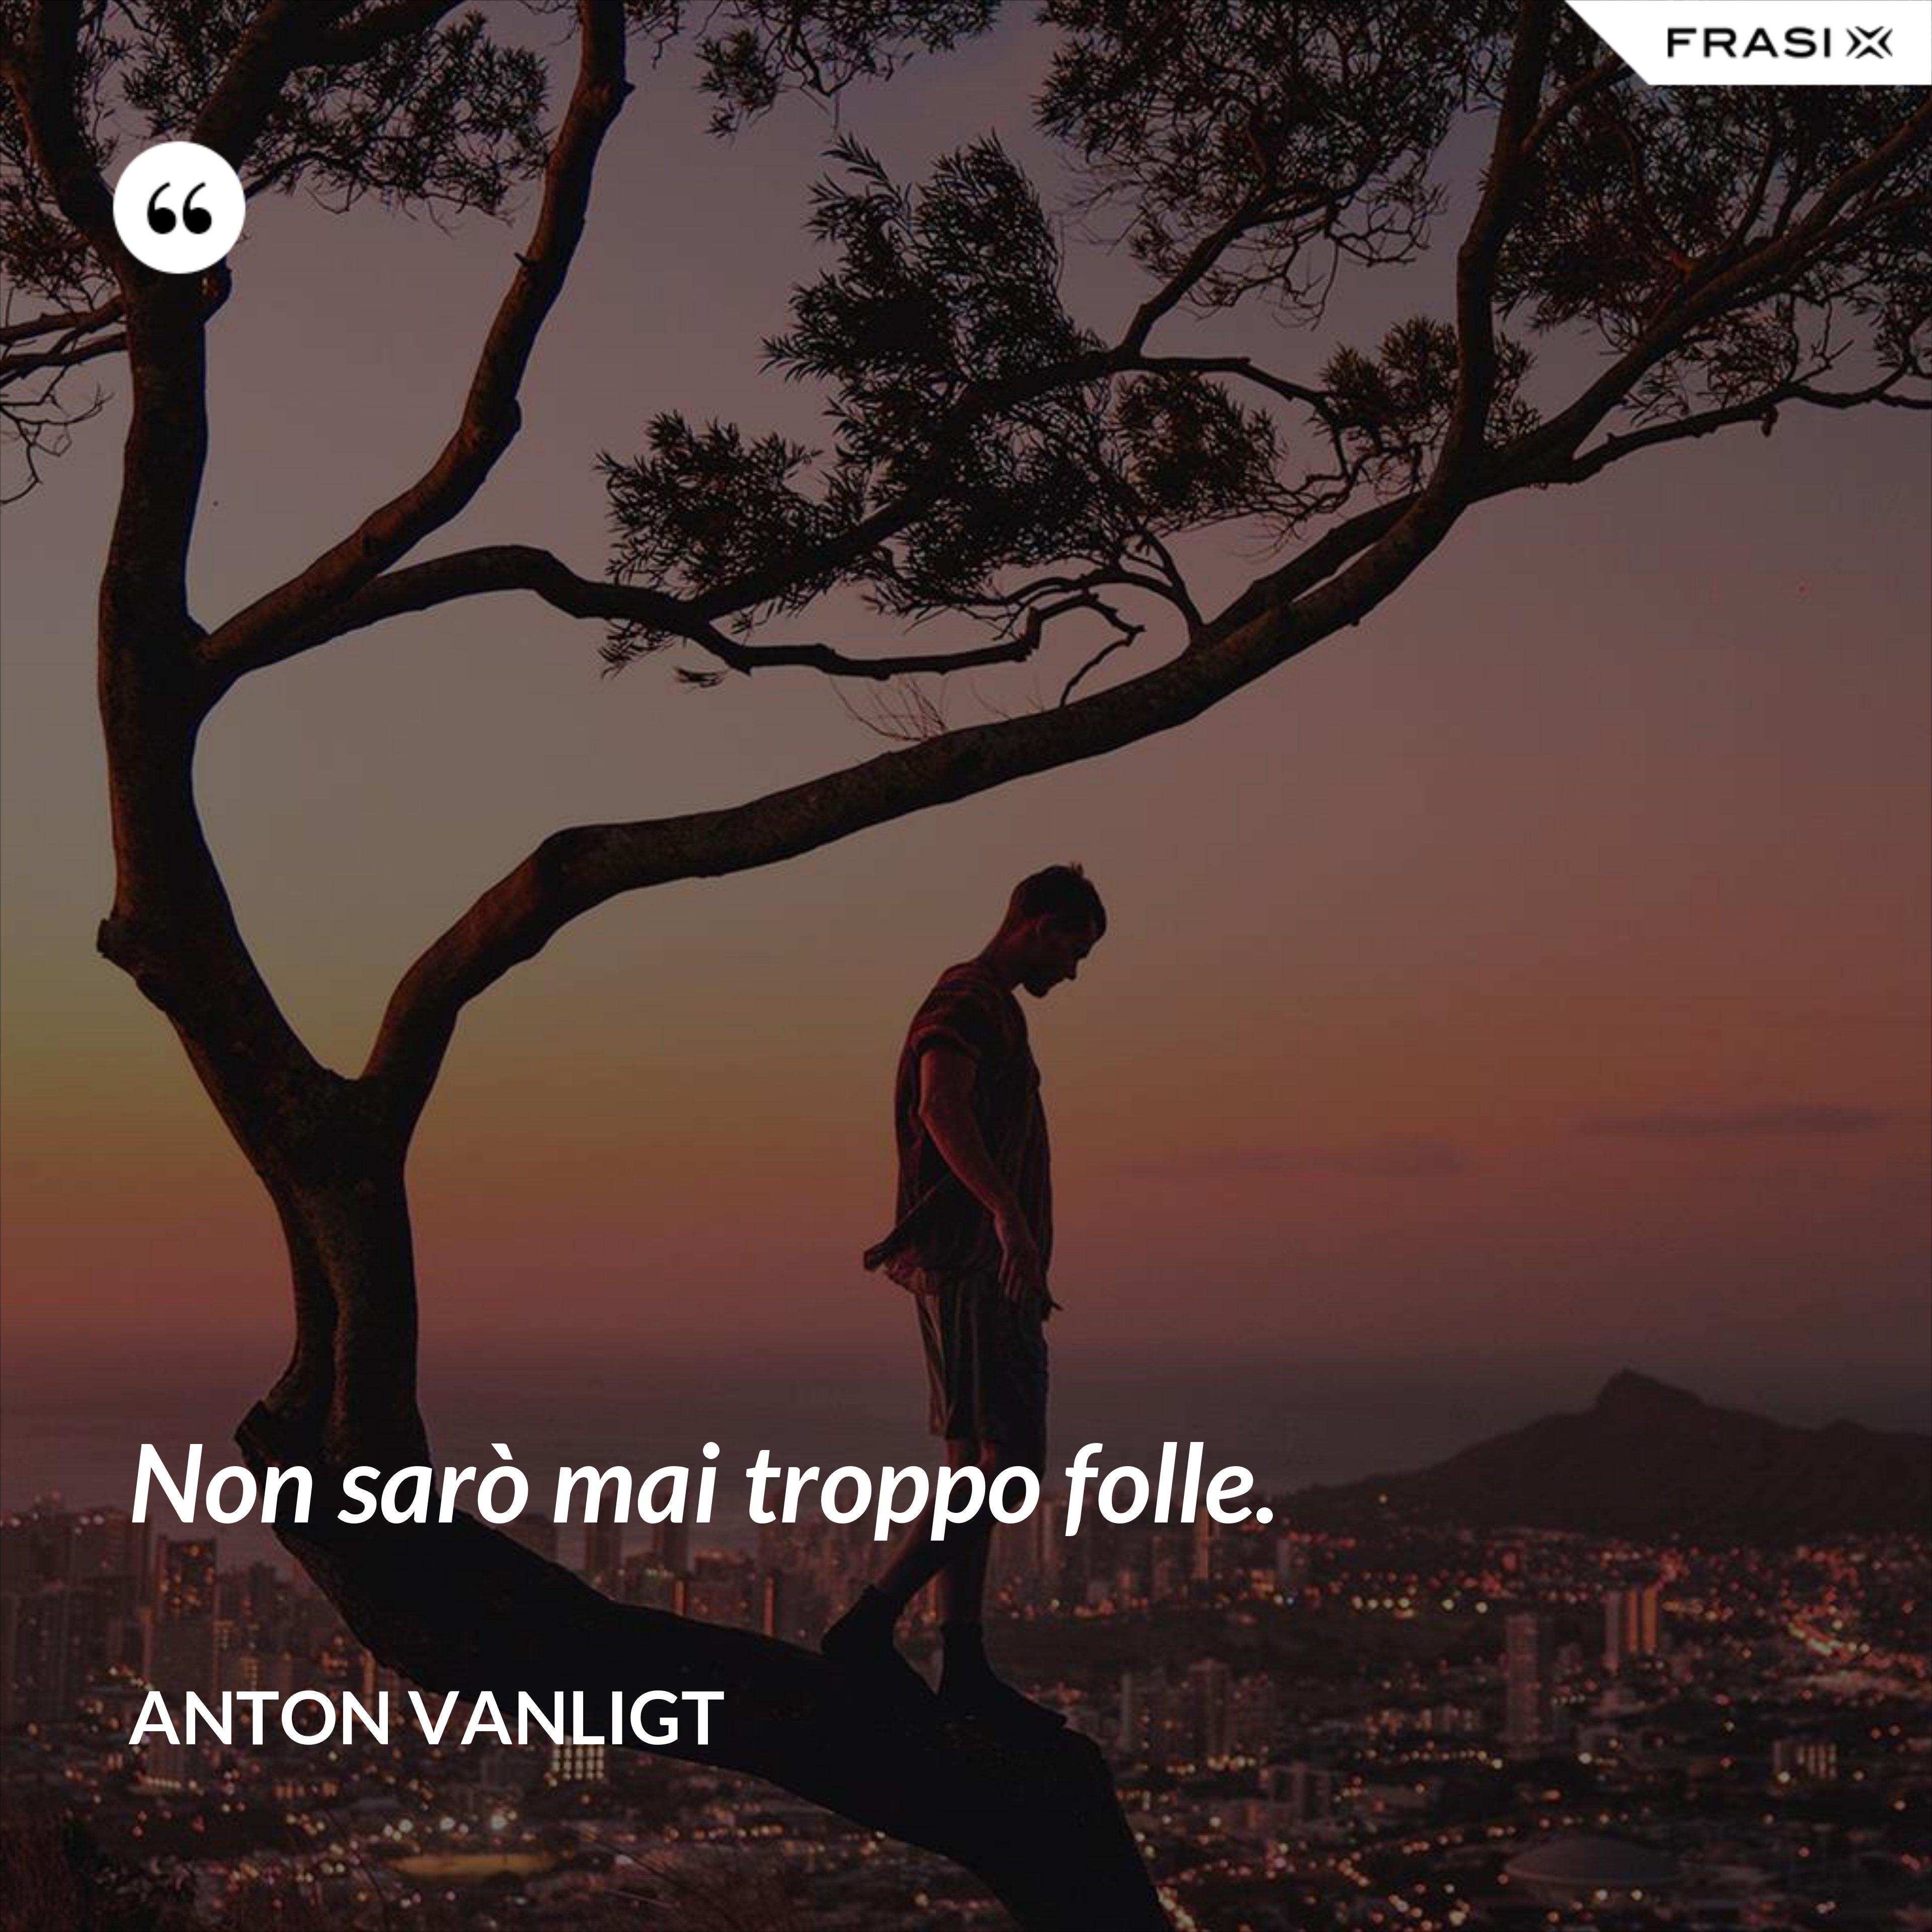 Non sarò mai troppo folle. - Anton Vanligt